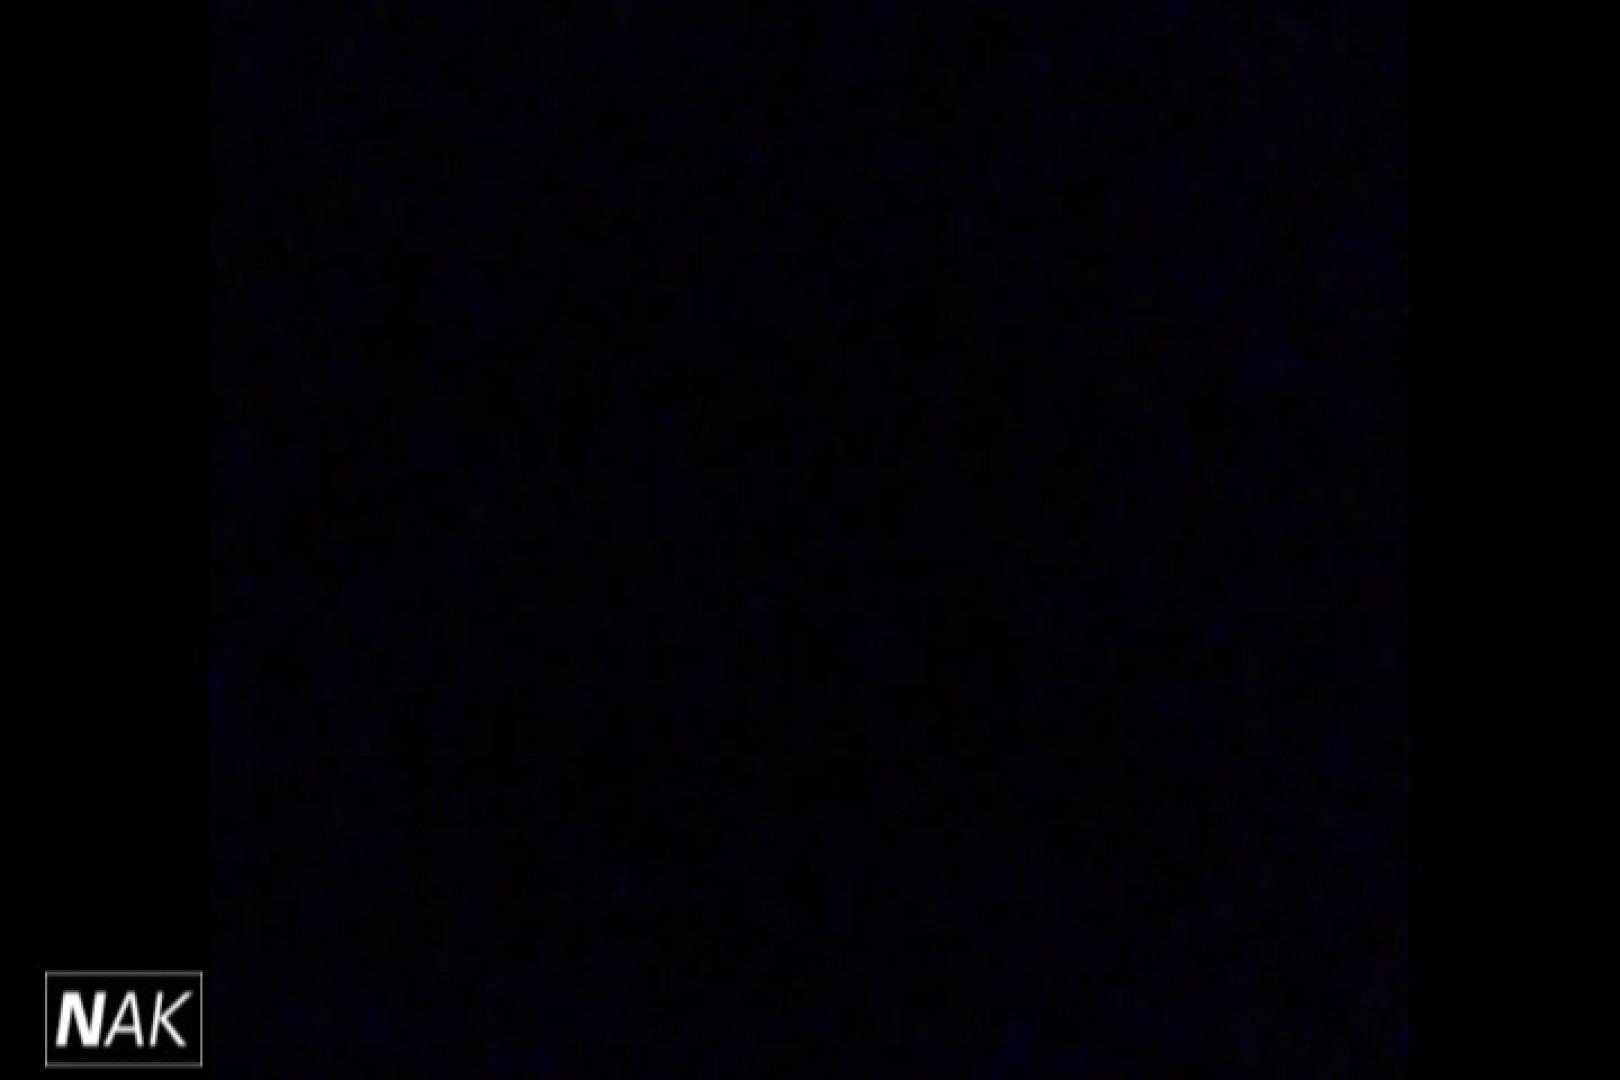 せん八さんの厠観察日記!2点監視カメラ 高画質5000K vol.07 リアル黄金水  104画像 30